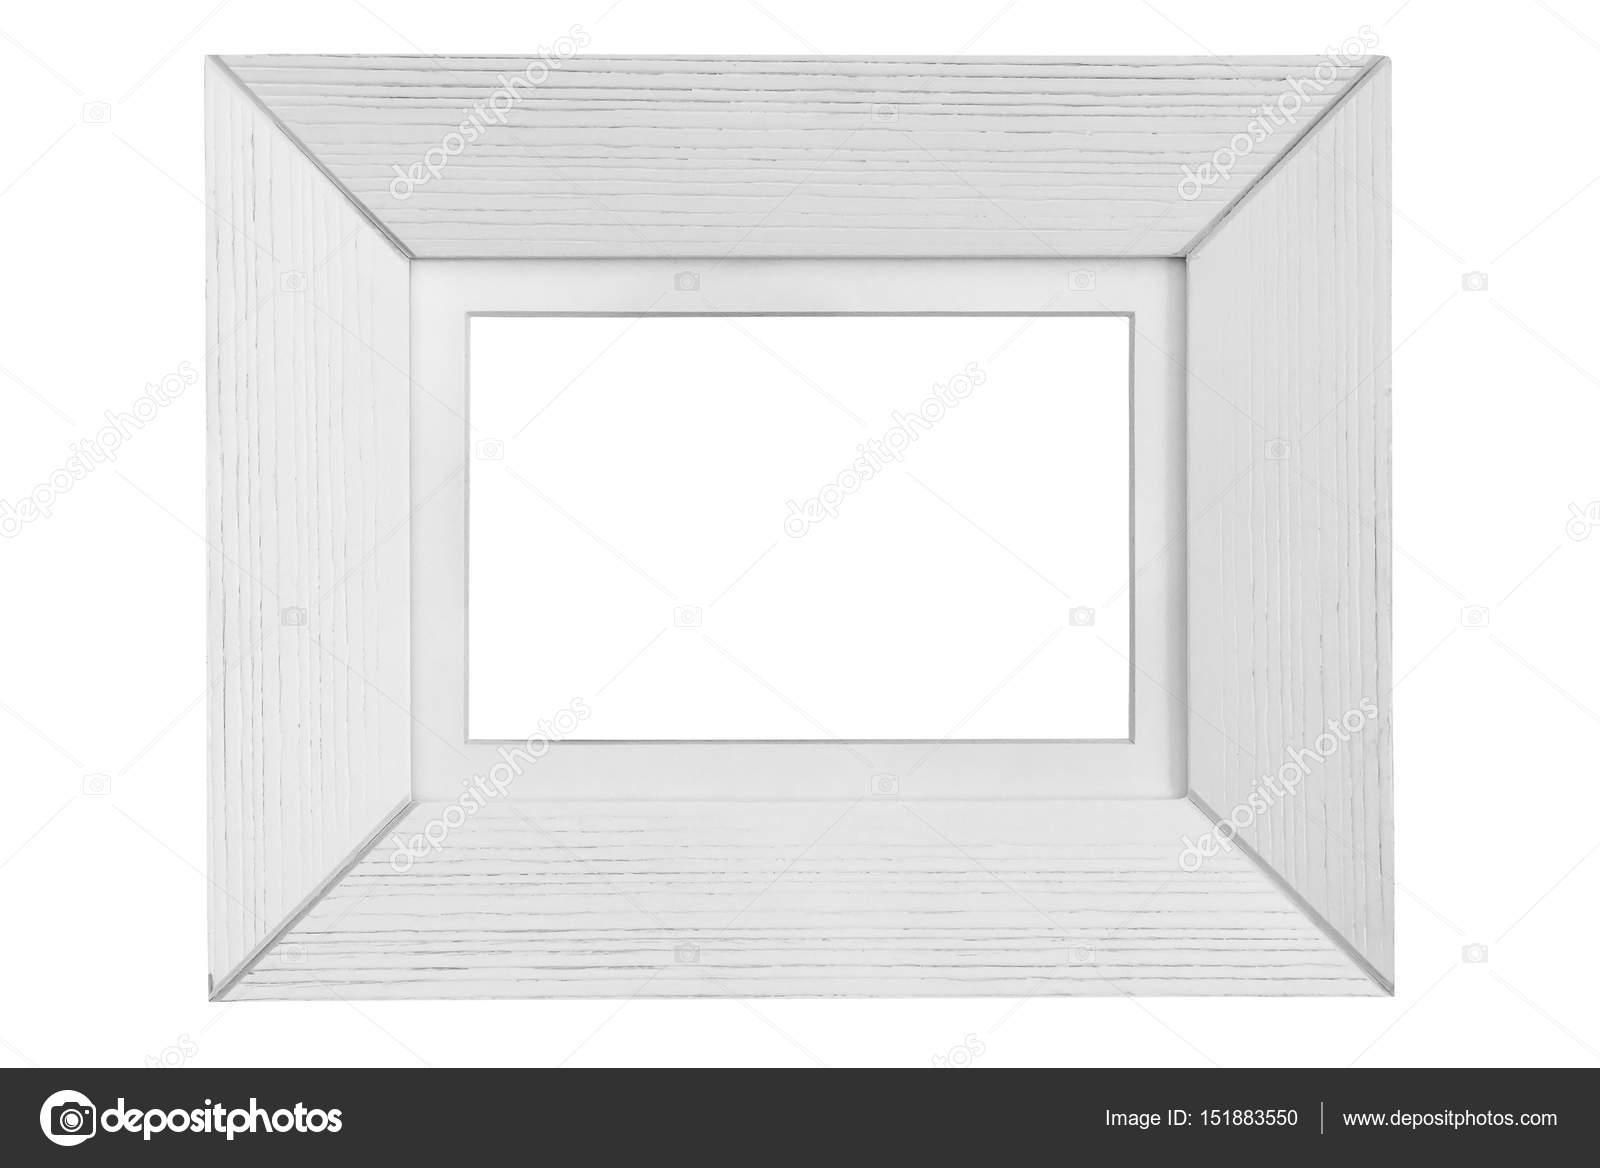 marco blanco de madera — Foto de stock © mkos83 #151883550